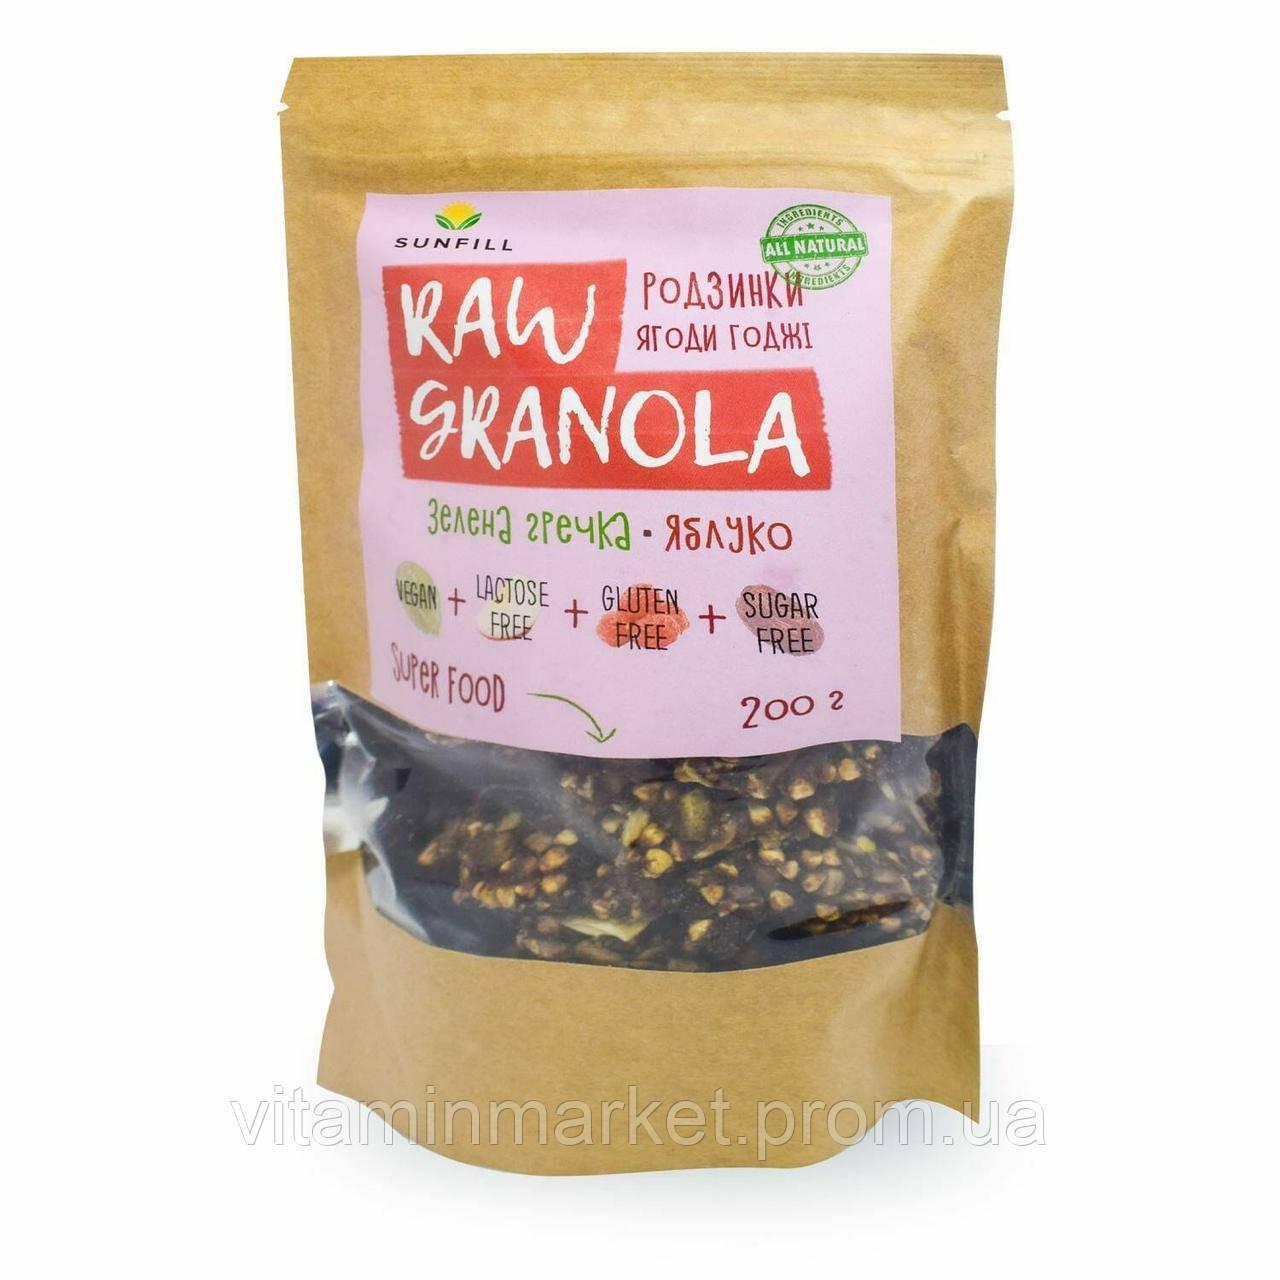 Гранола «RAW GRANOLA», з родзинками і ягодами Годжі, без глютену, «SUNFILL», 200 гр.